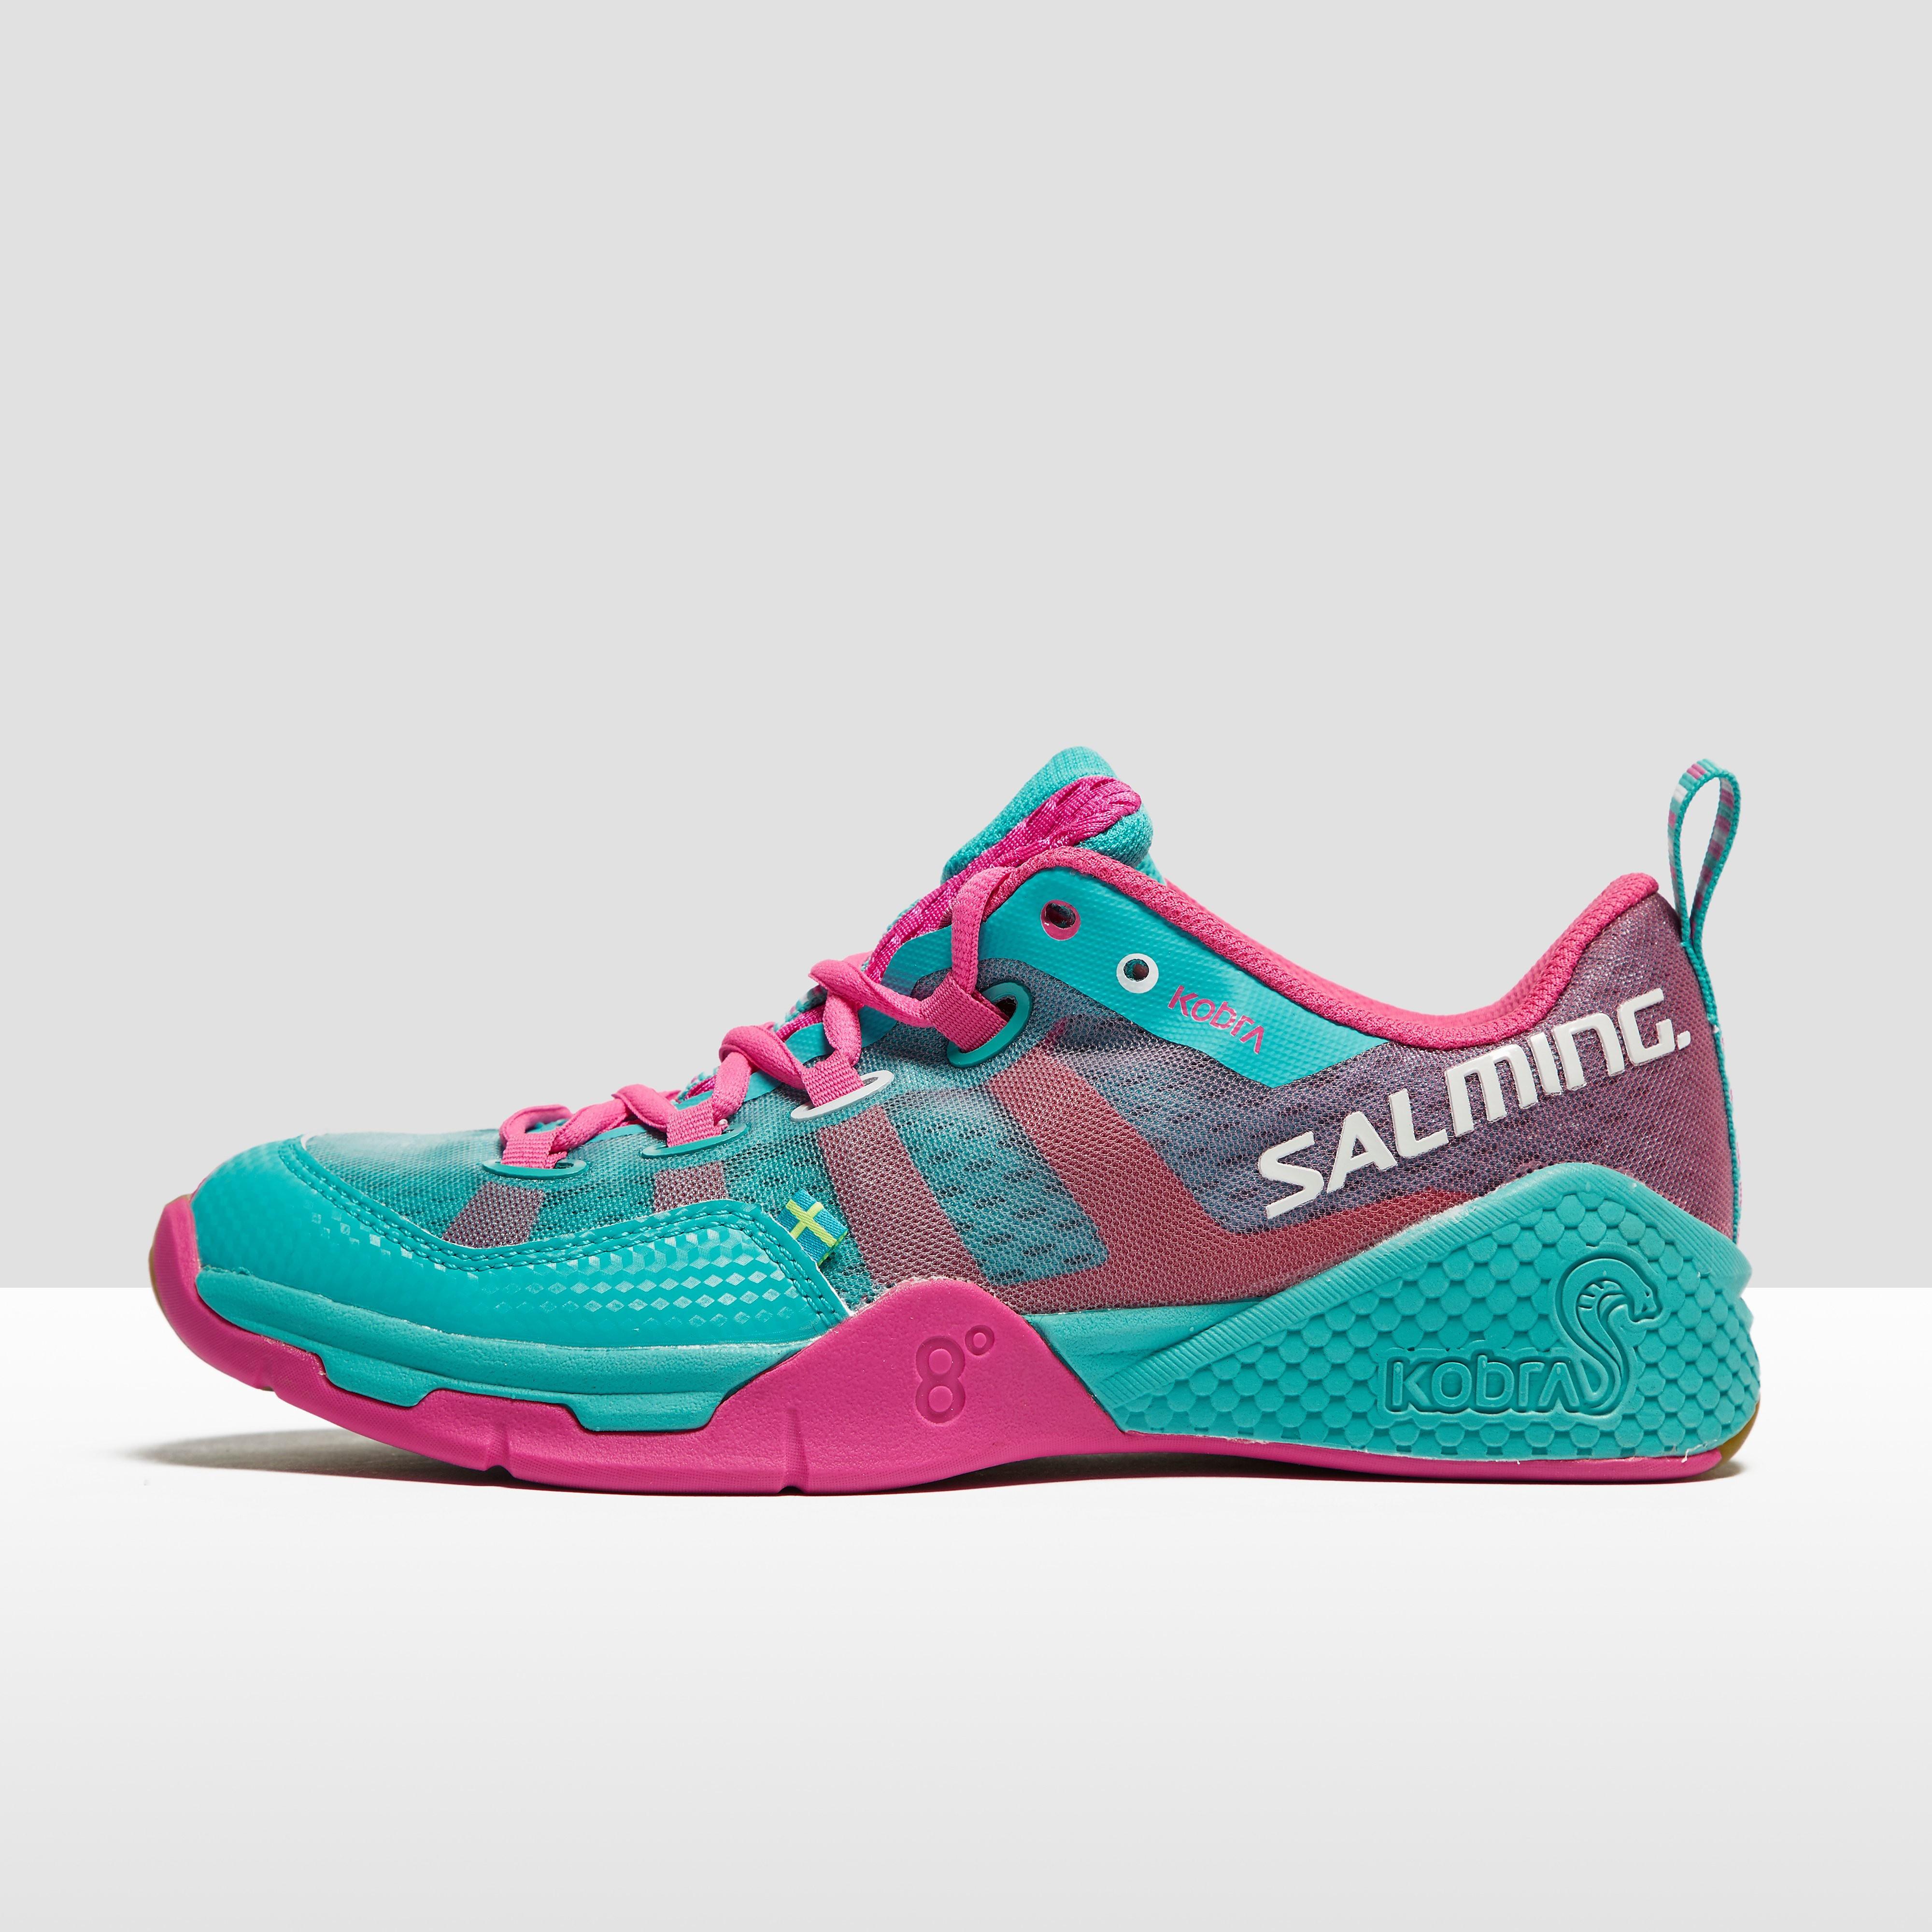 Salming Women's Kobra Indoor Squash Shoes